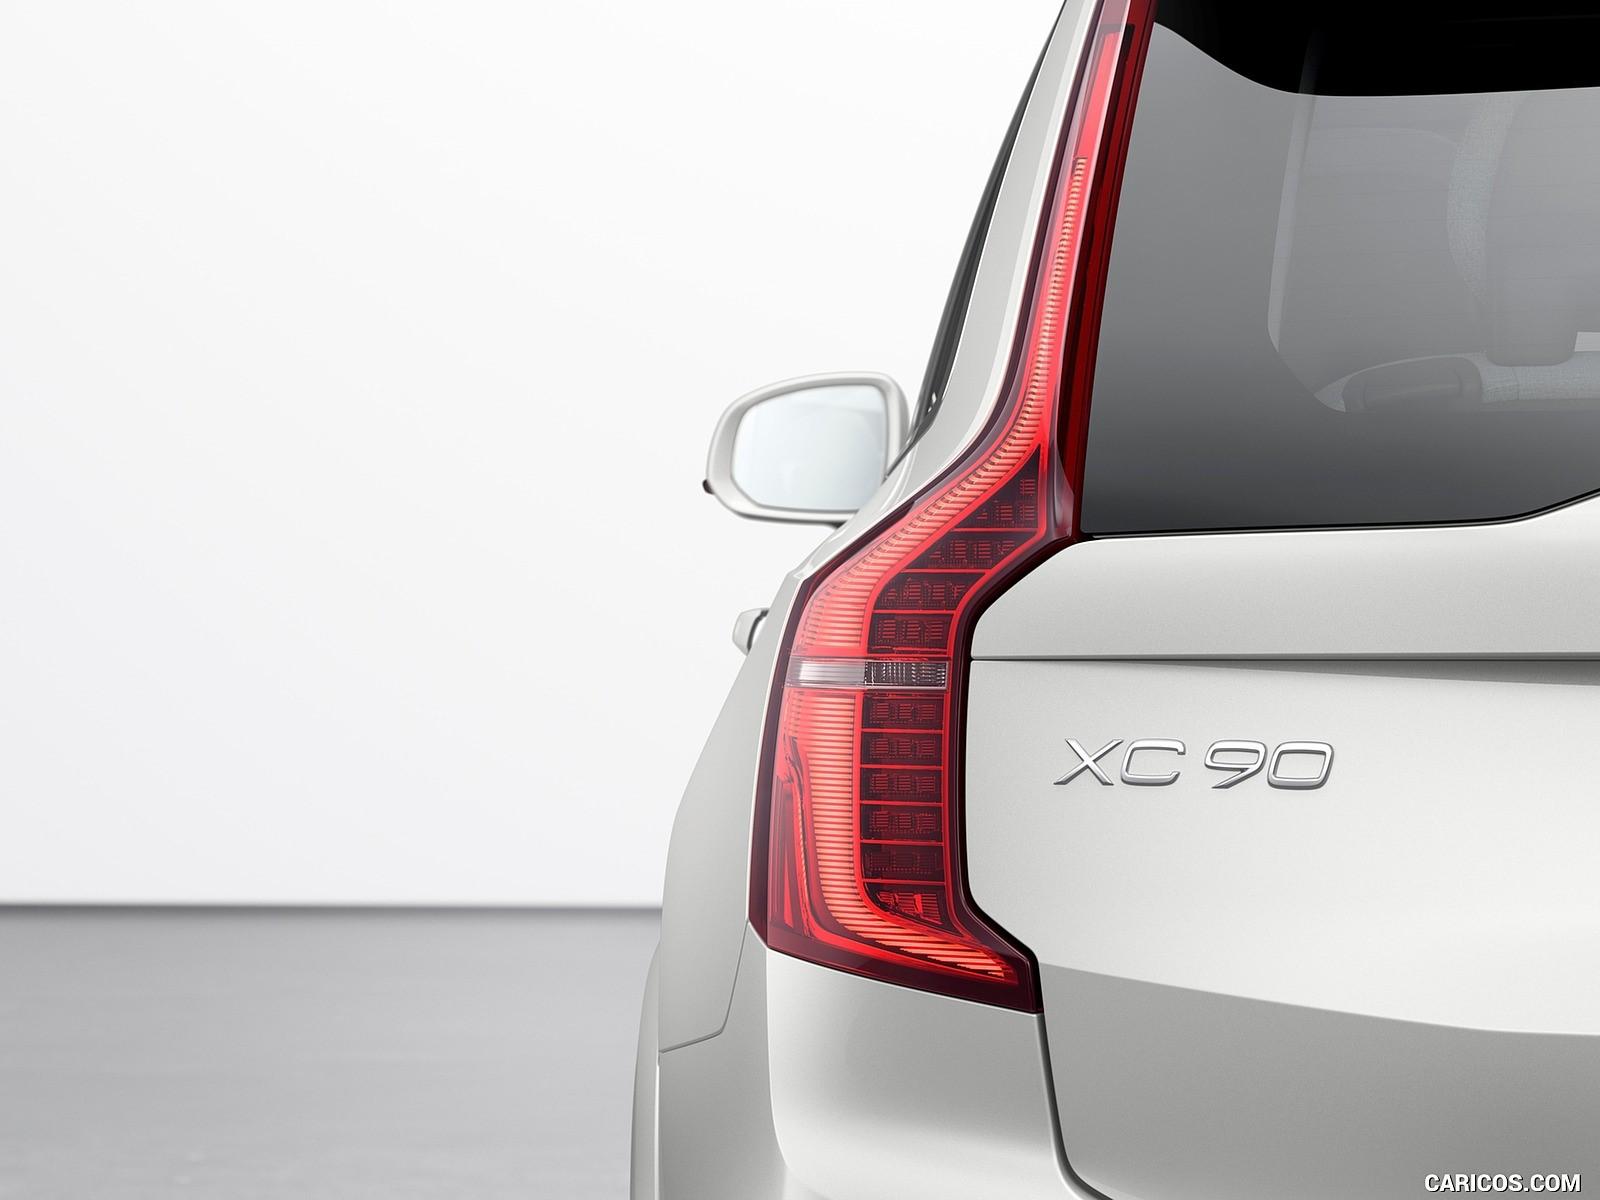 2020 Volvo XC90 8k foto